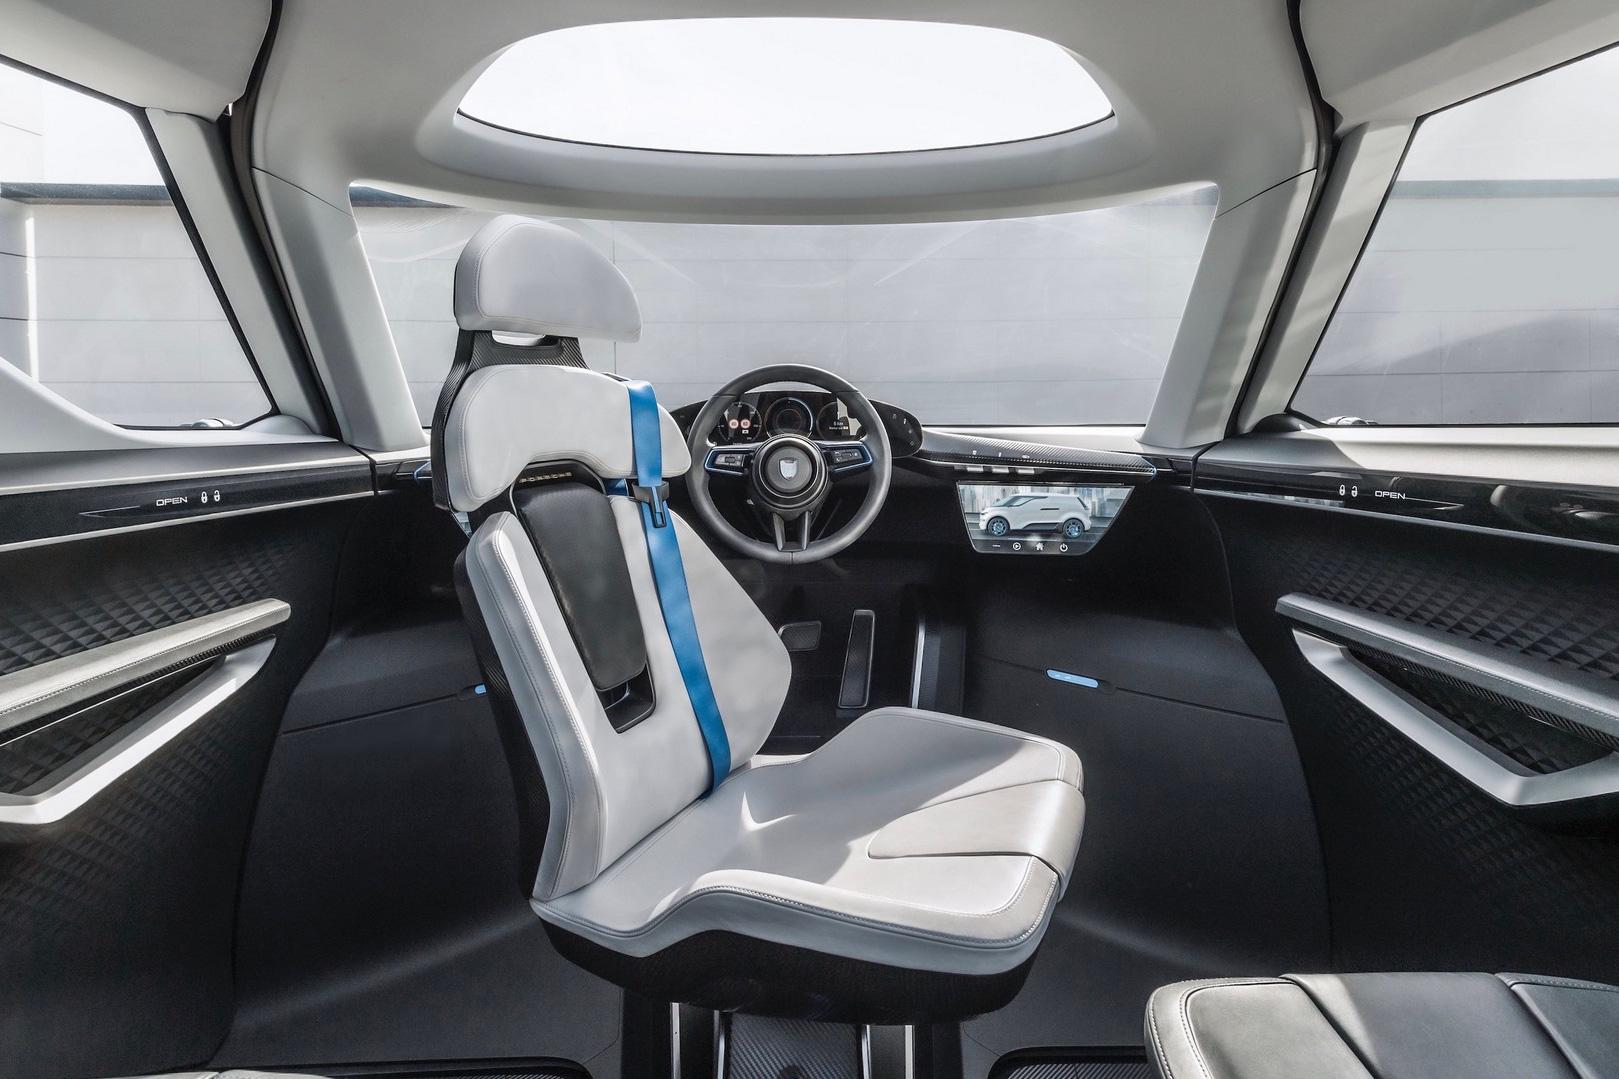 Xe mới của Porsche khoe nội thất rộng như Kia Carnival, ghế xoay như phòng khách di động